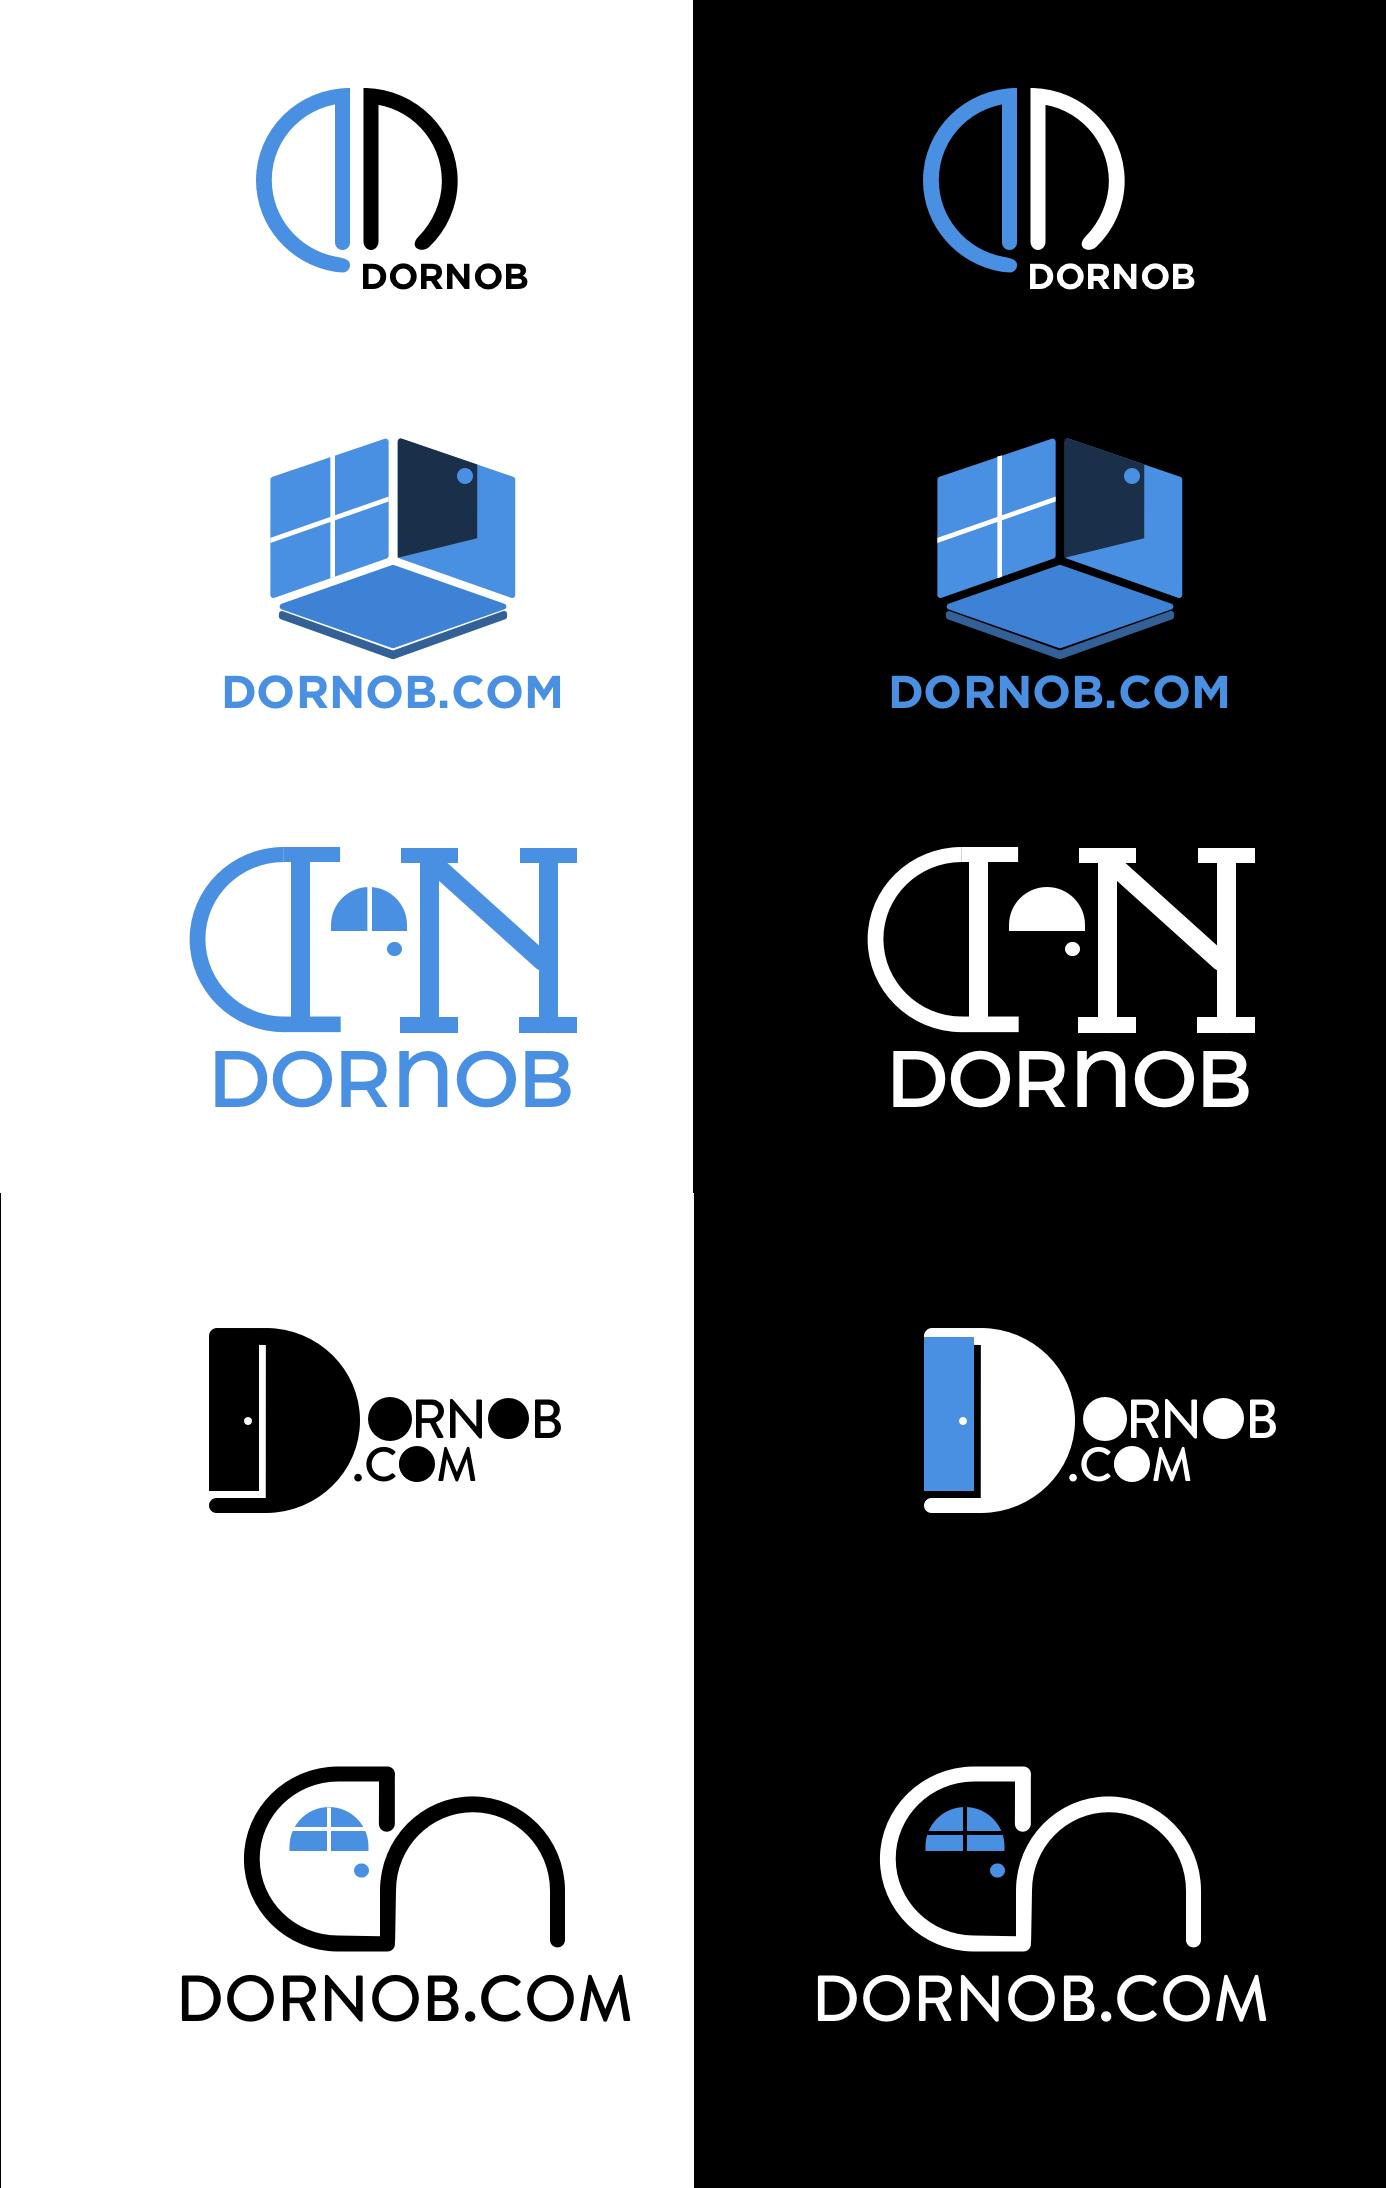 Dornob com logo and site redesign | hiAngela com